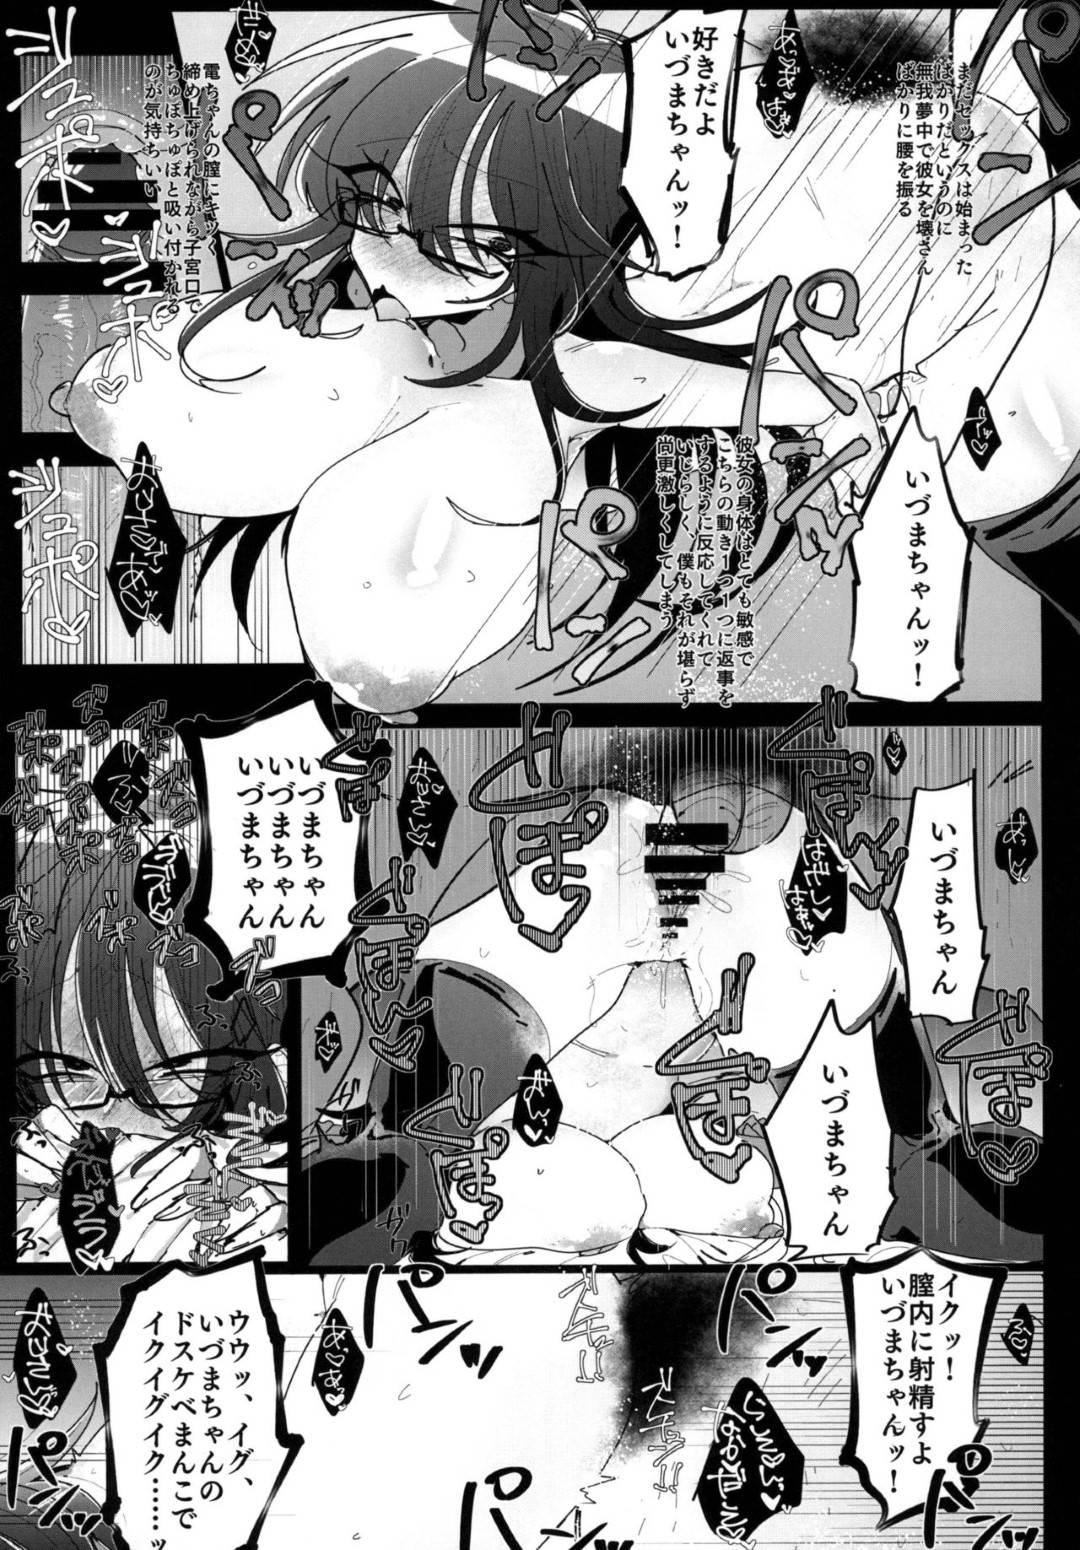 【催眠エロ漫画】憧れのクール眼鏡美女に催眠をかける事に成功したキモオタ。自分の部屋に従順になった彼女を連れ込んだ彼はディープキスしたり、フェラさせたり、クンニしたりと意のままにエッチなことをする。【我宮てれさ】